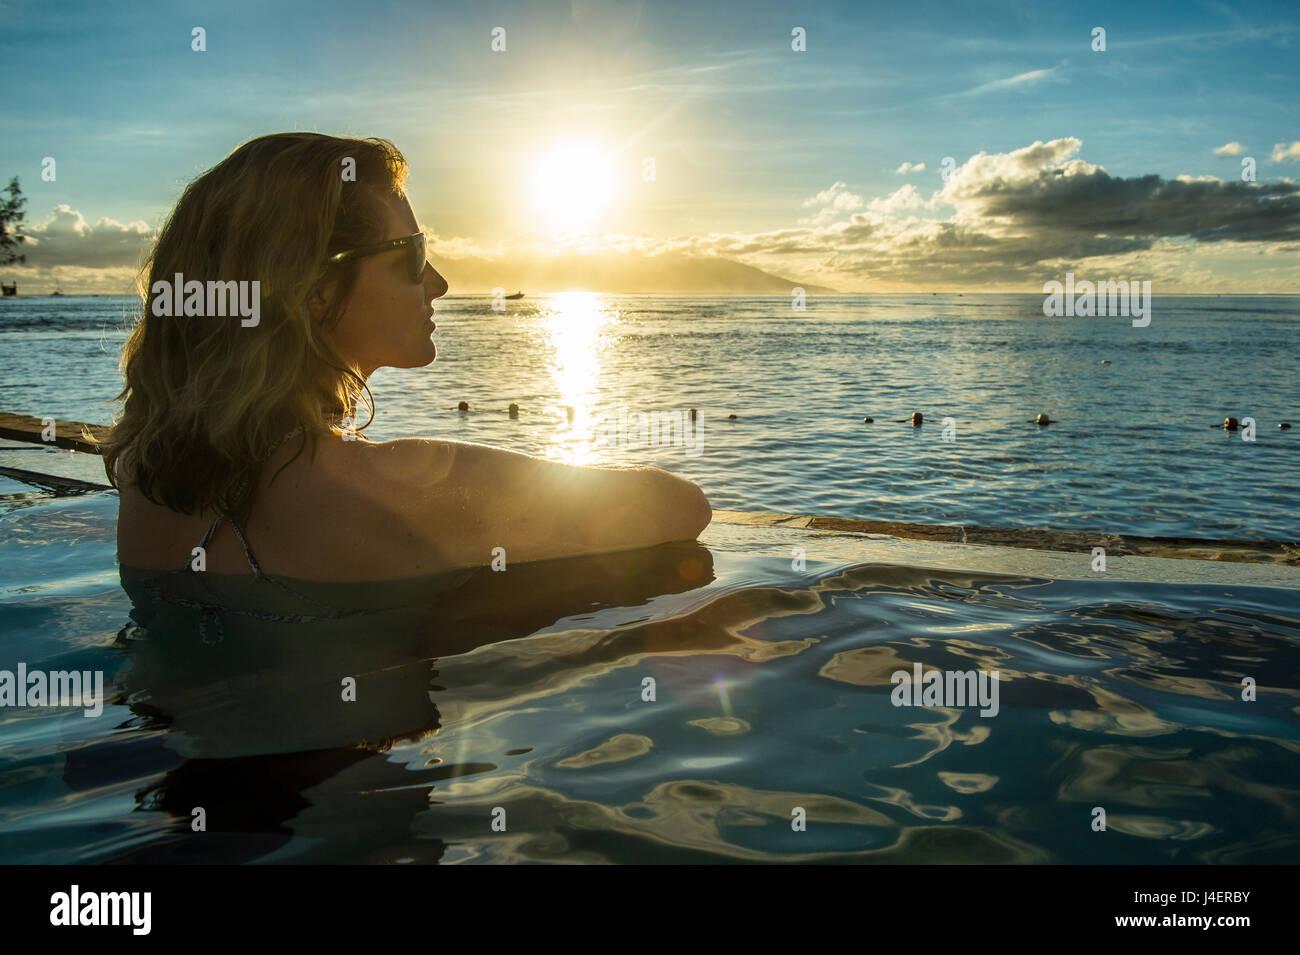 Donna godendo del tramonto in una piscina con Moorea in background, Papeete, Tahiti, Isole della Società Immagini Stock